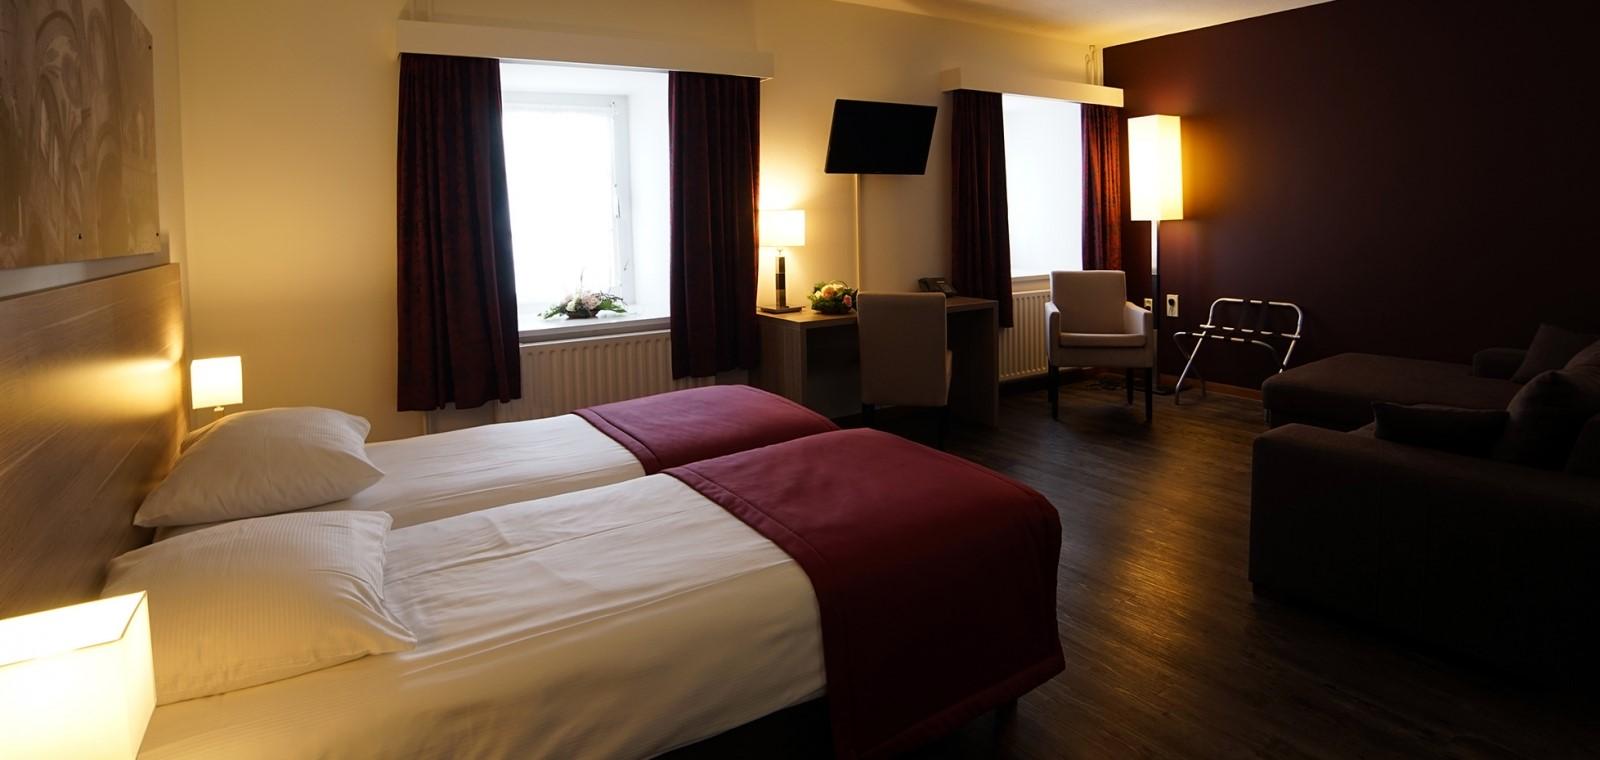 Abdij Hotel Rolduc - Comfort Familiekamer